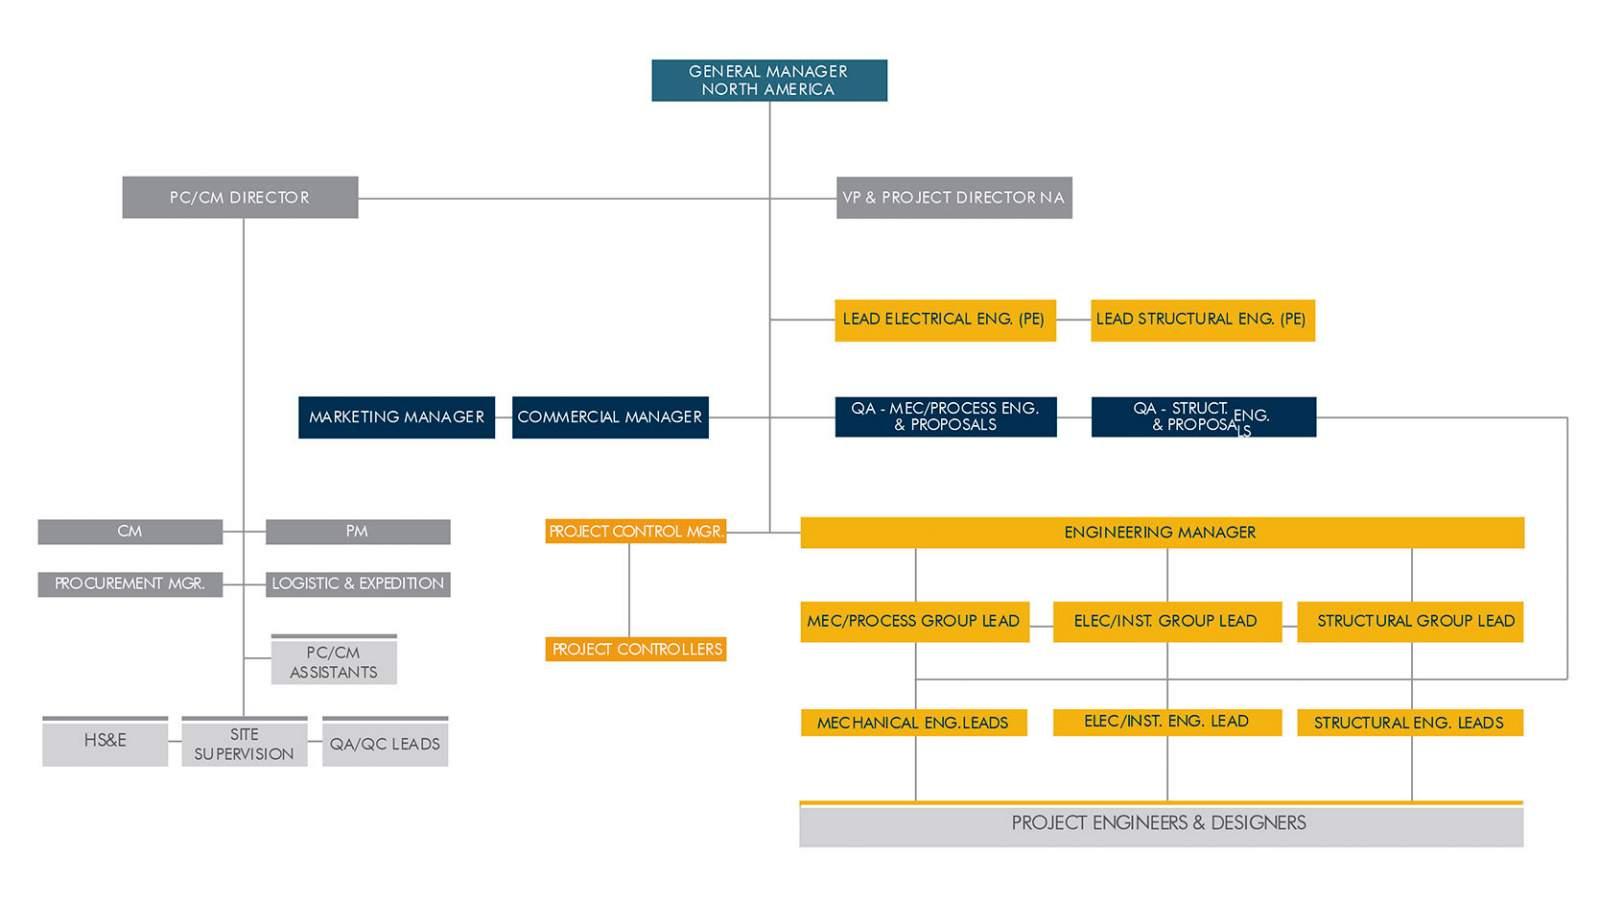 organization-chart-north-america-cement-saxum-mineria-industria-construccion-empresas-ingeniería-argentina-litio-cementera